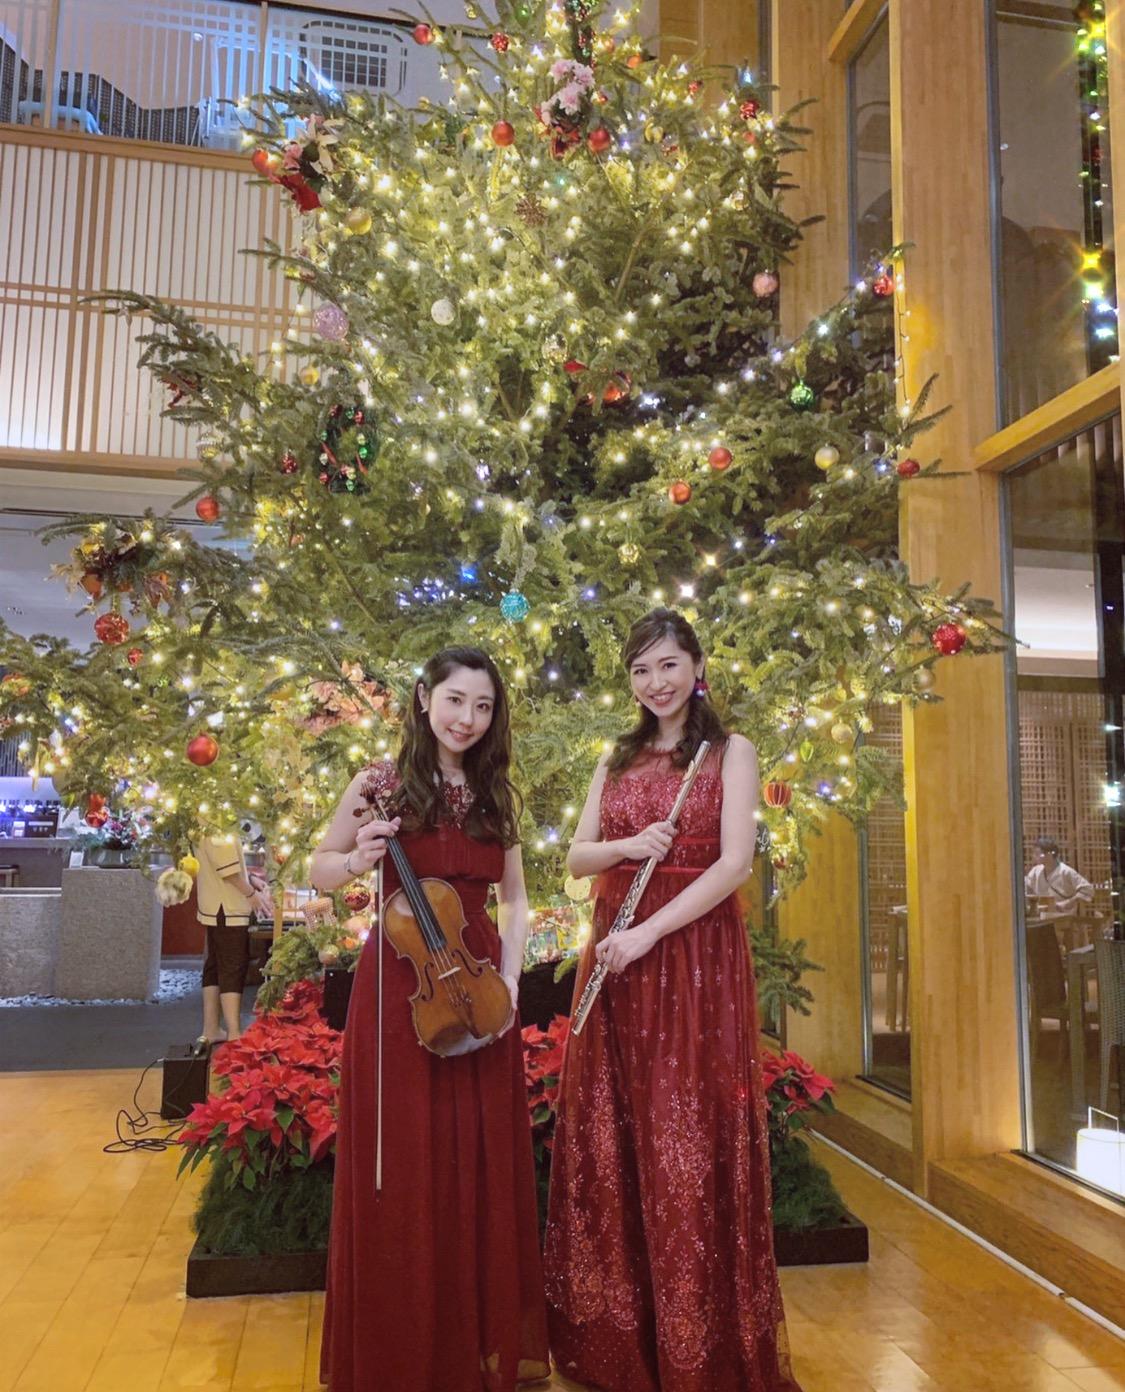 フルートとヴァイオリンでクリスマスコンサートでした